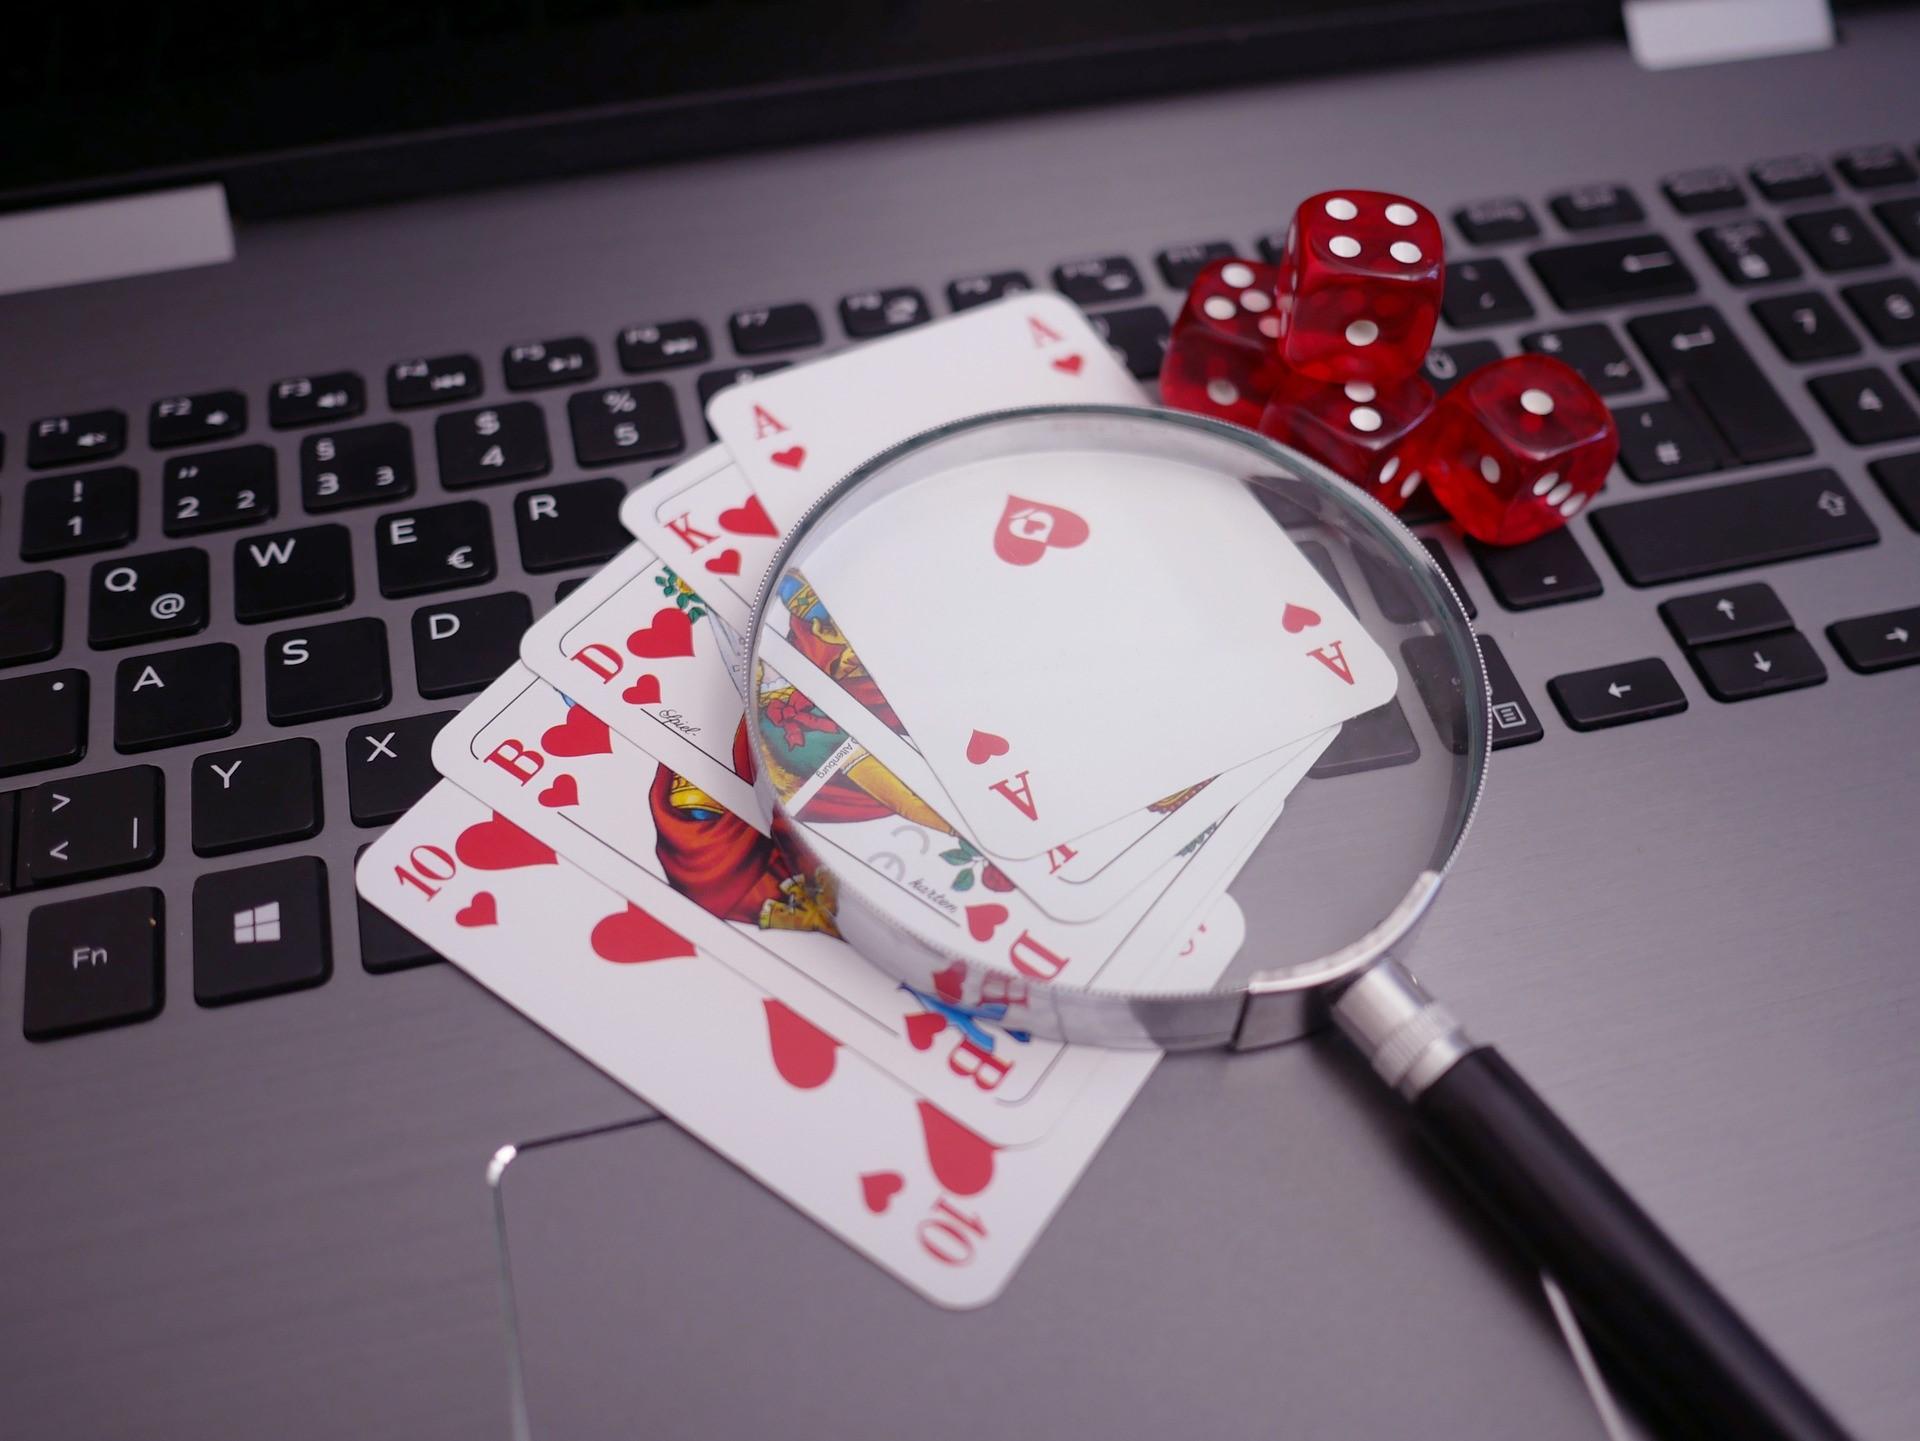 Nederland en online casino's, hoe zit de vork in de steel?